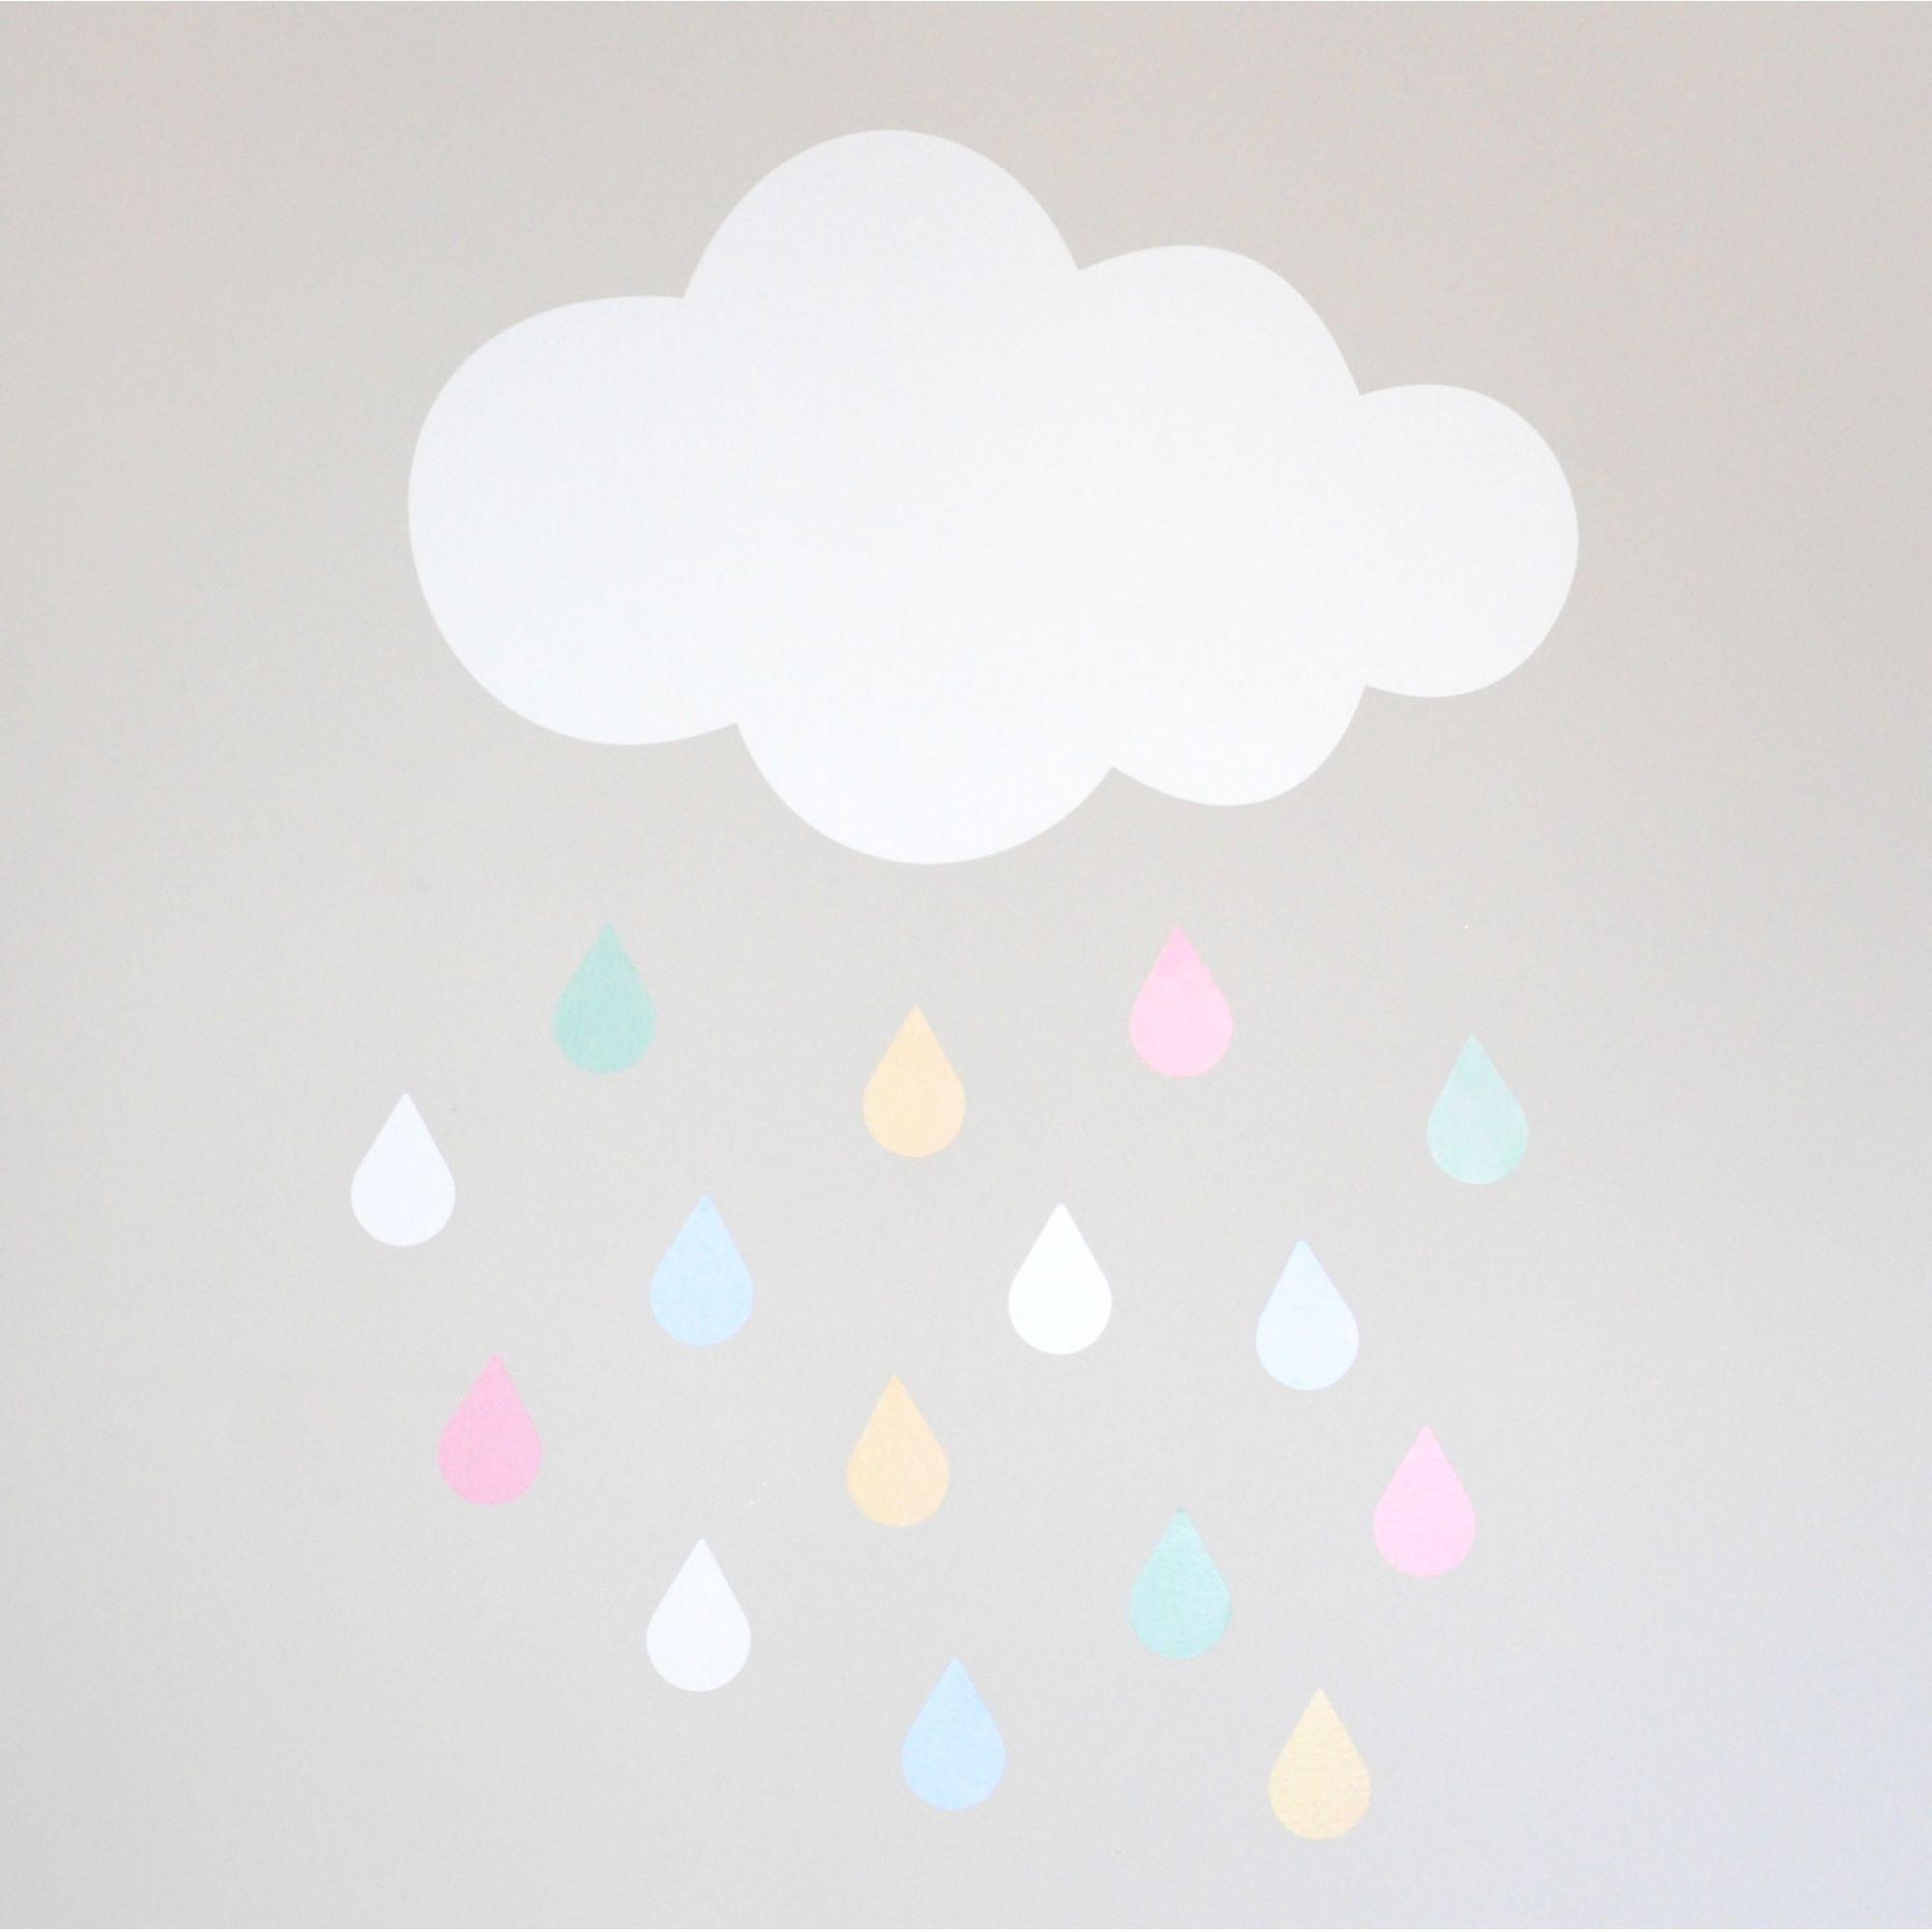 Adesivo Nuvem + Gotinhas Lola  - Ideias de Mamãe